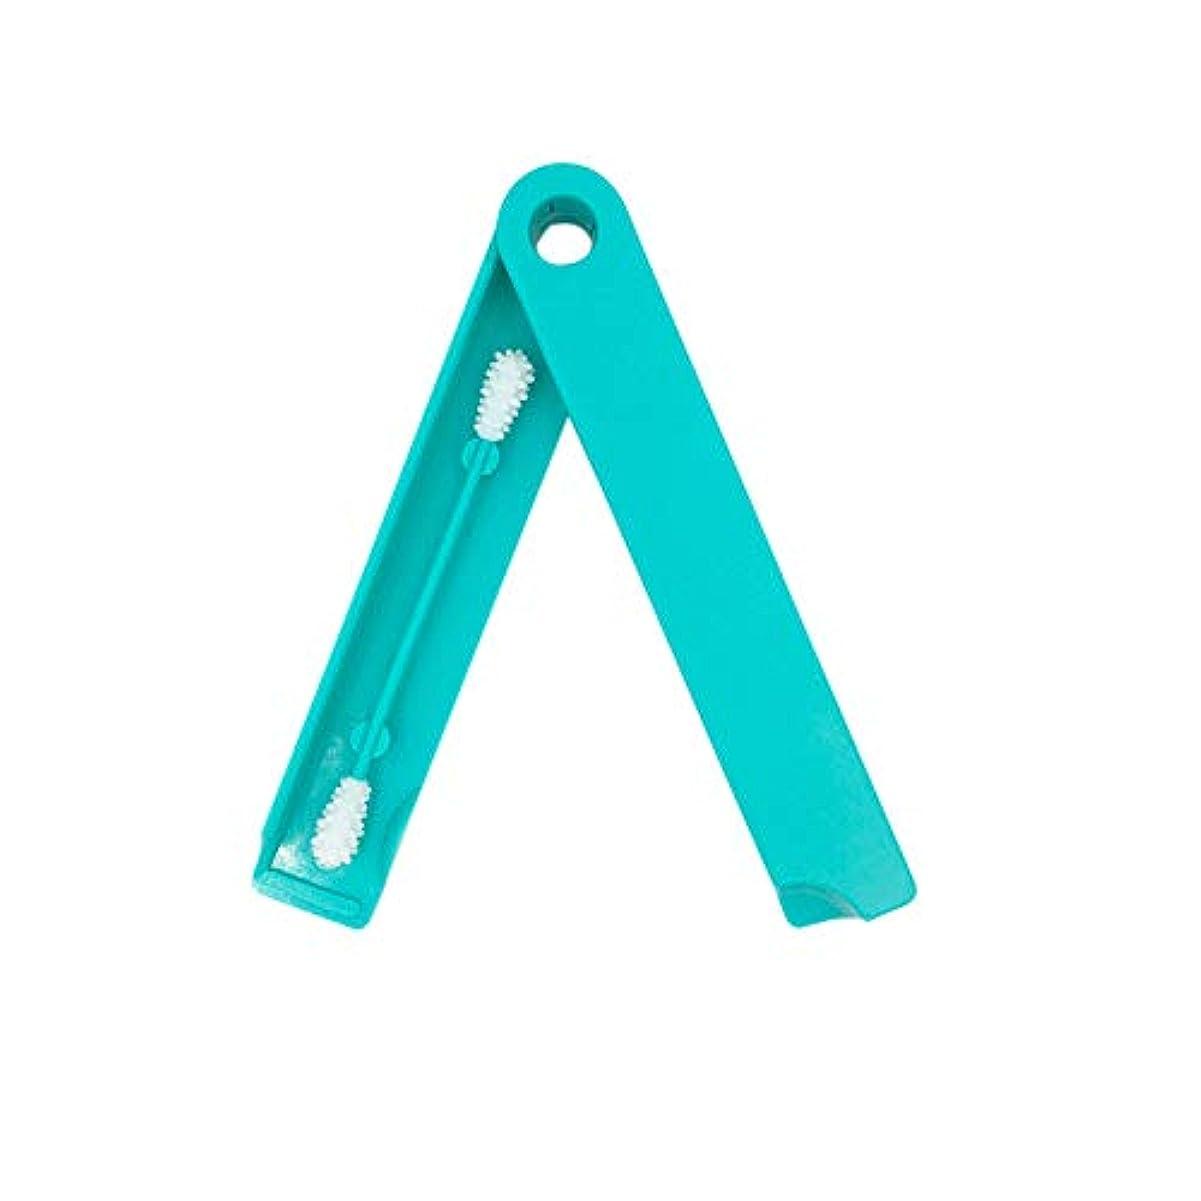 内向き戦闘アンカーACHICOO 1 Pcの再使用可能なシリコーン綿棒の女性の化粧用綿棒の先端 青